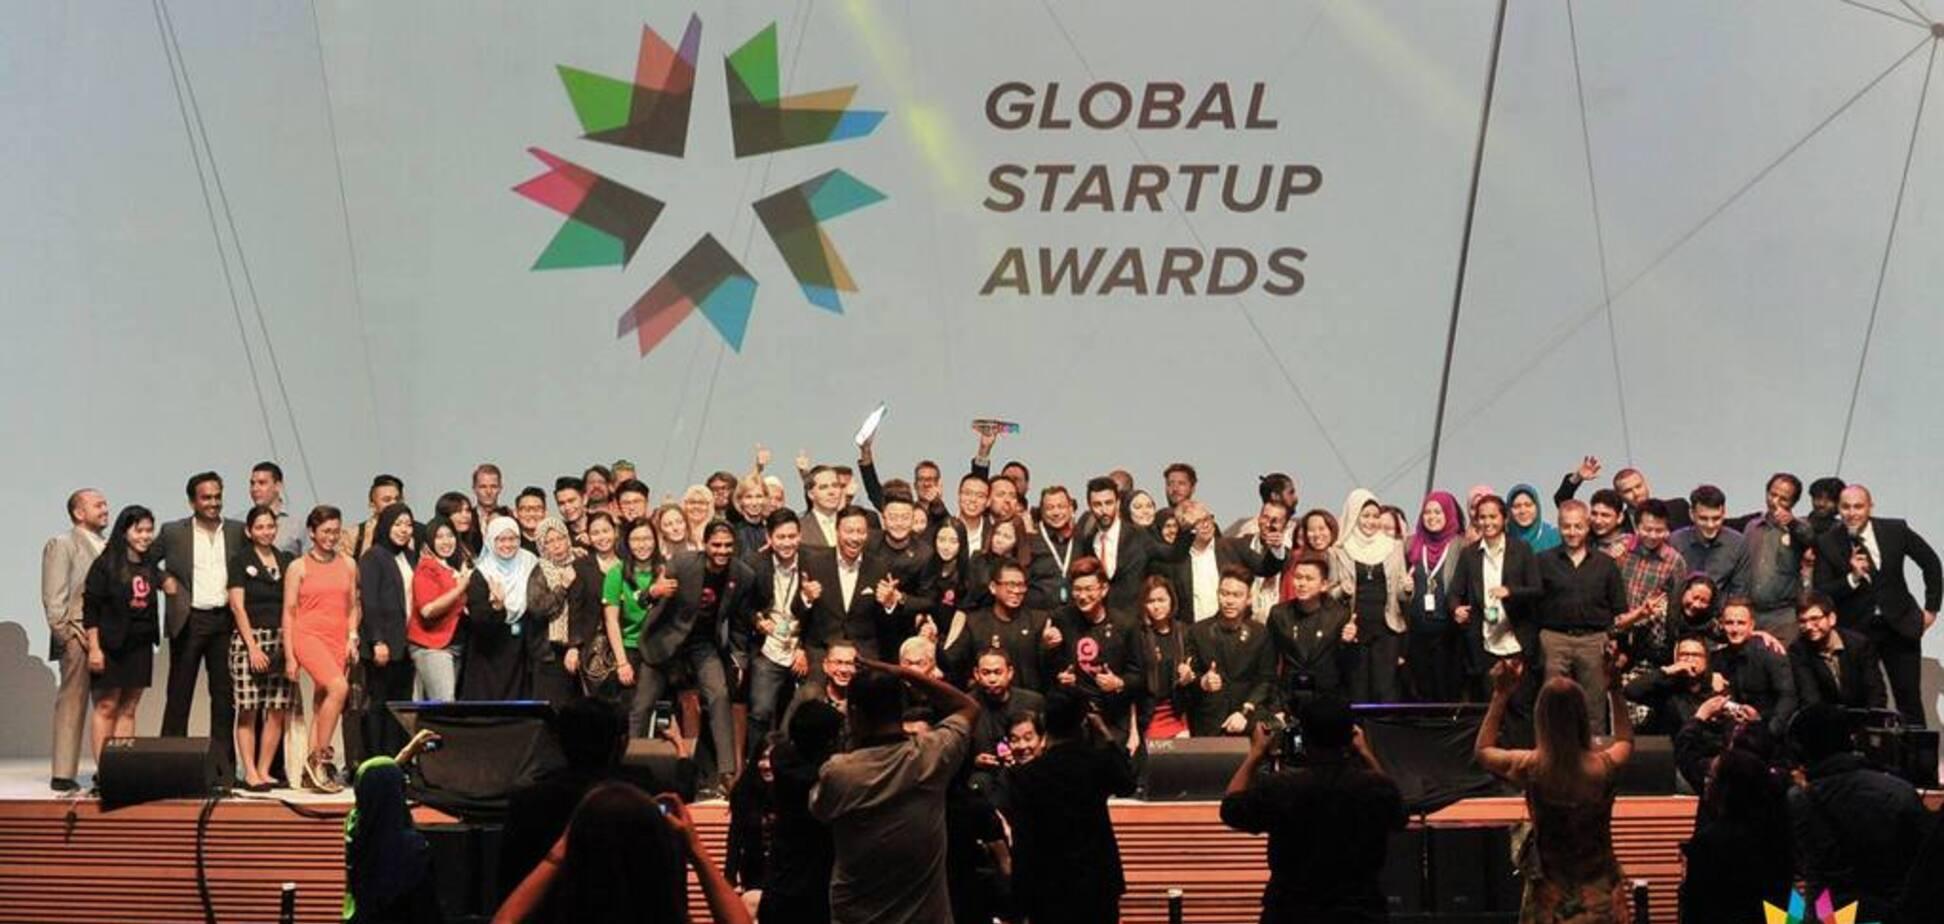 Global Startup Awards впервые проводит конкурс в Украине